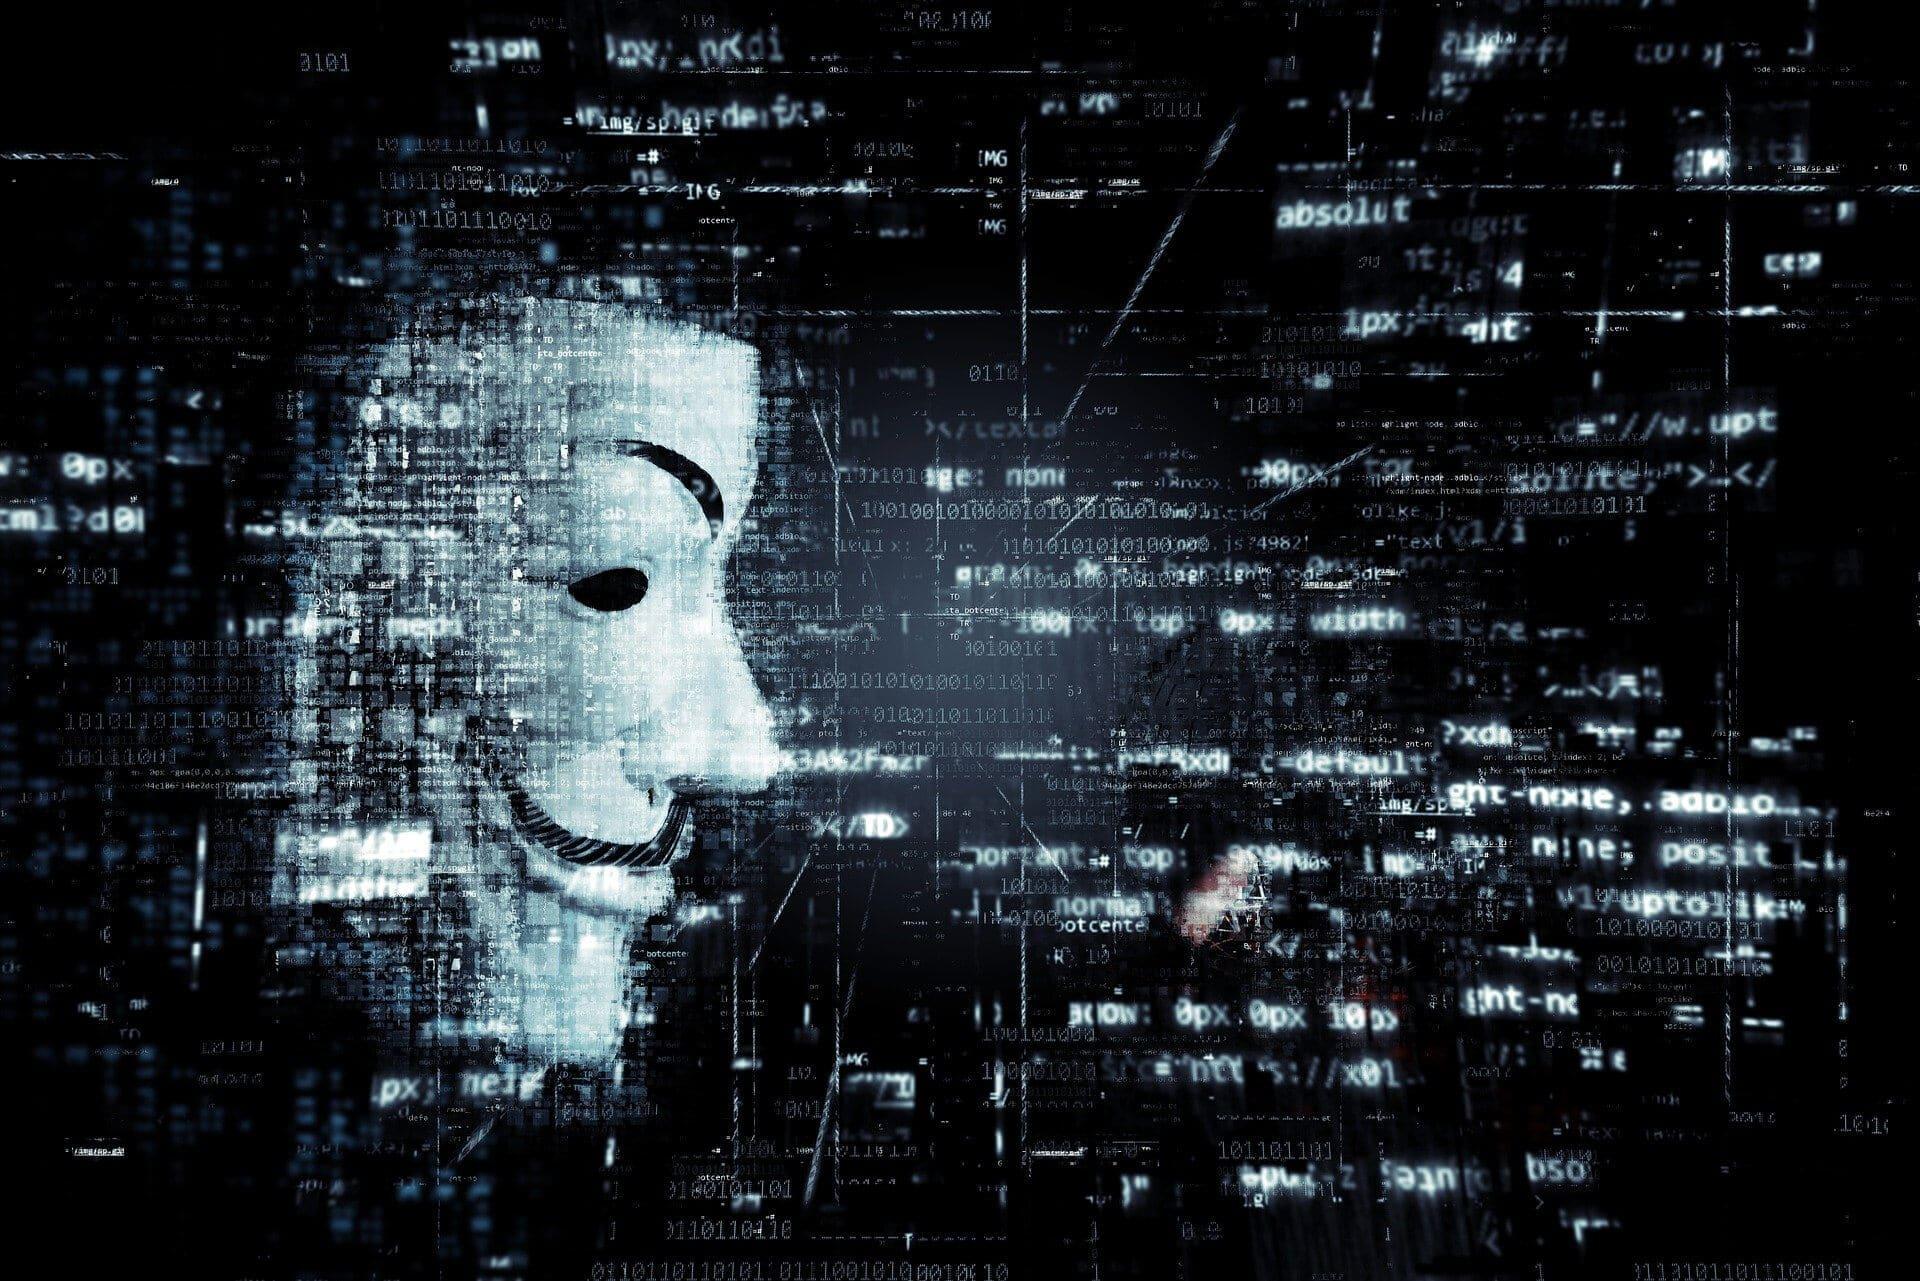 Darknet Seite